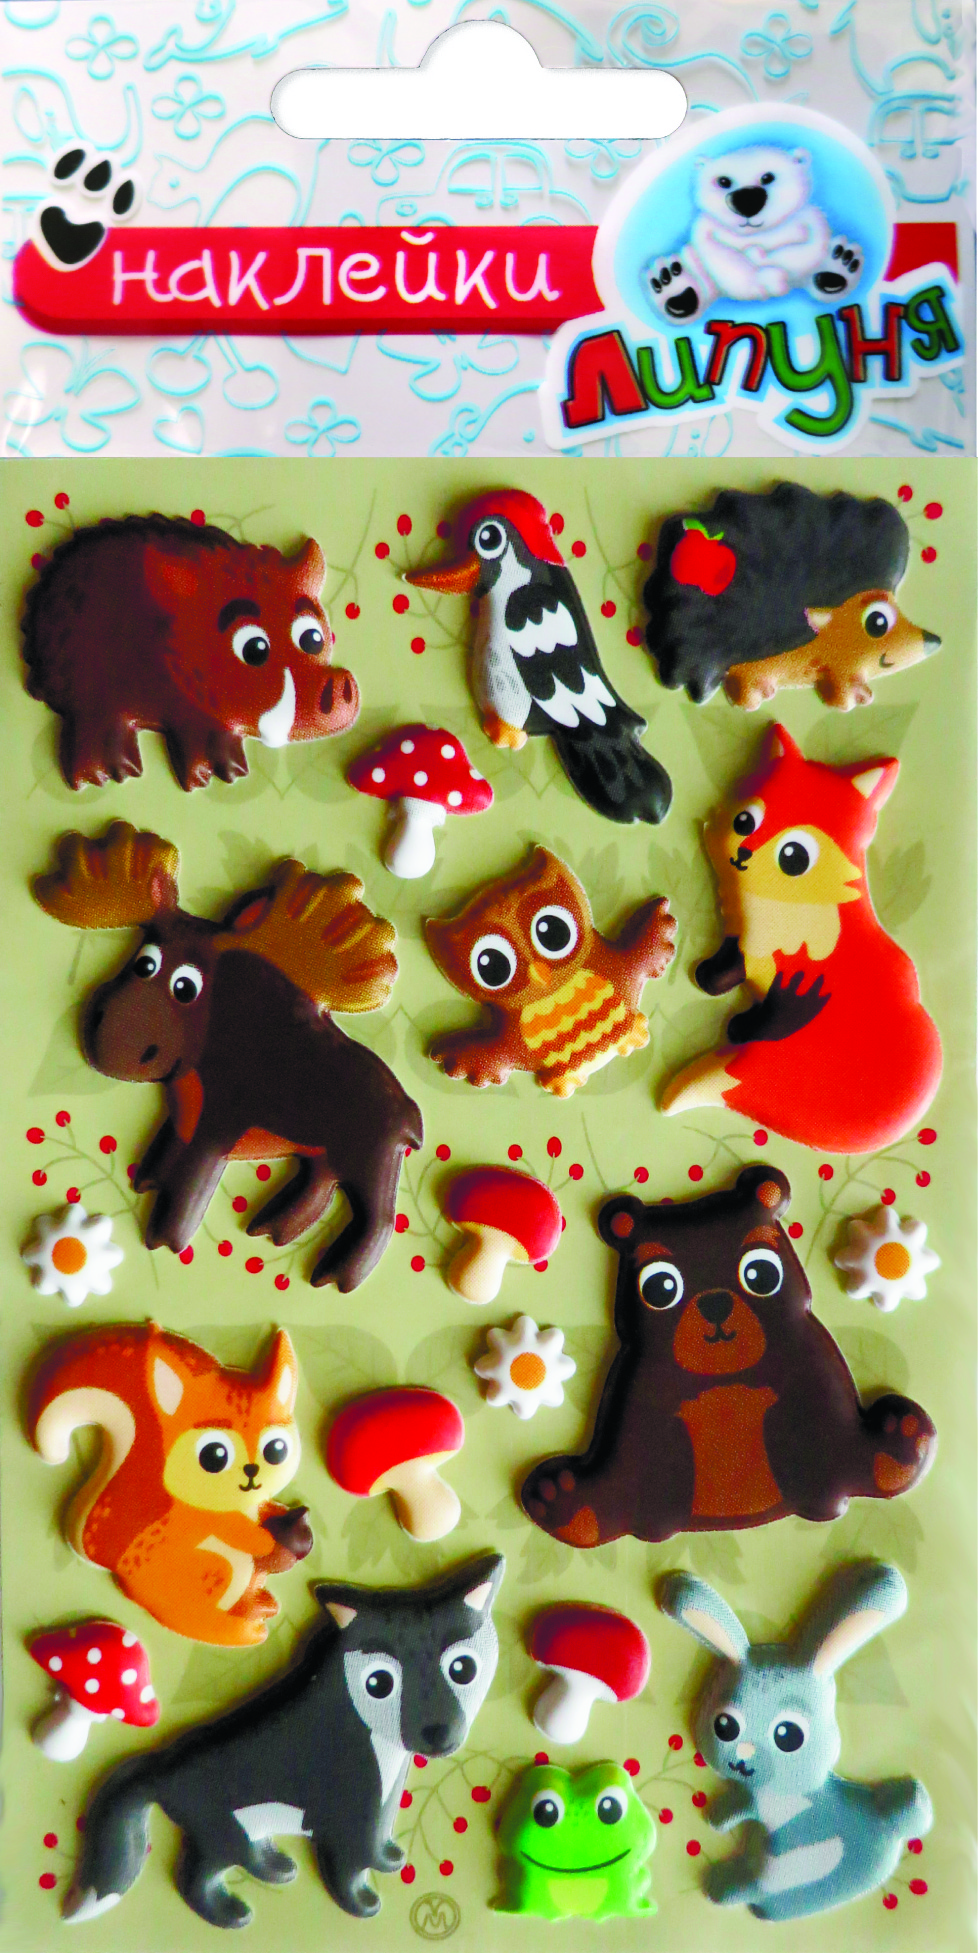 Наклейки Липуня Наклейки Липуня «Звери 2» зефирные наклейки липуня наклейки липуня мишки с сердечками с блестками